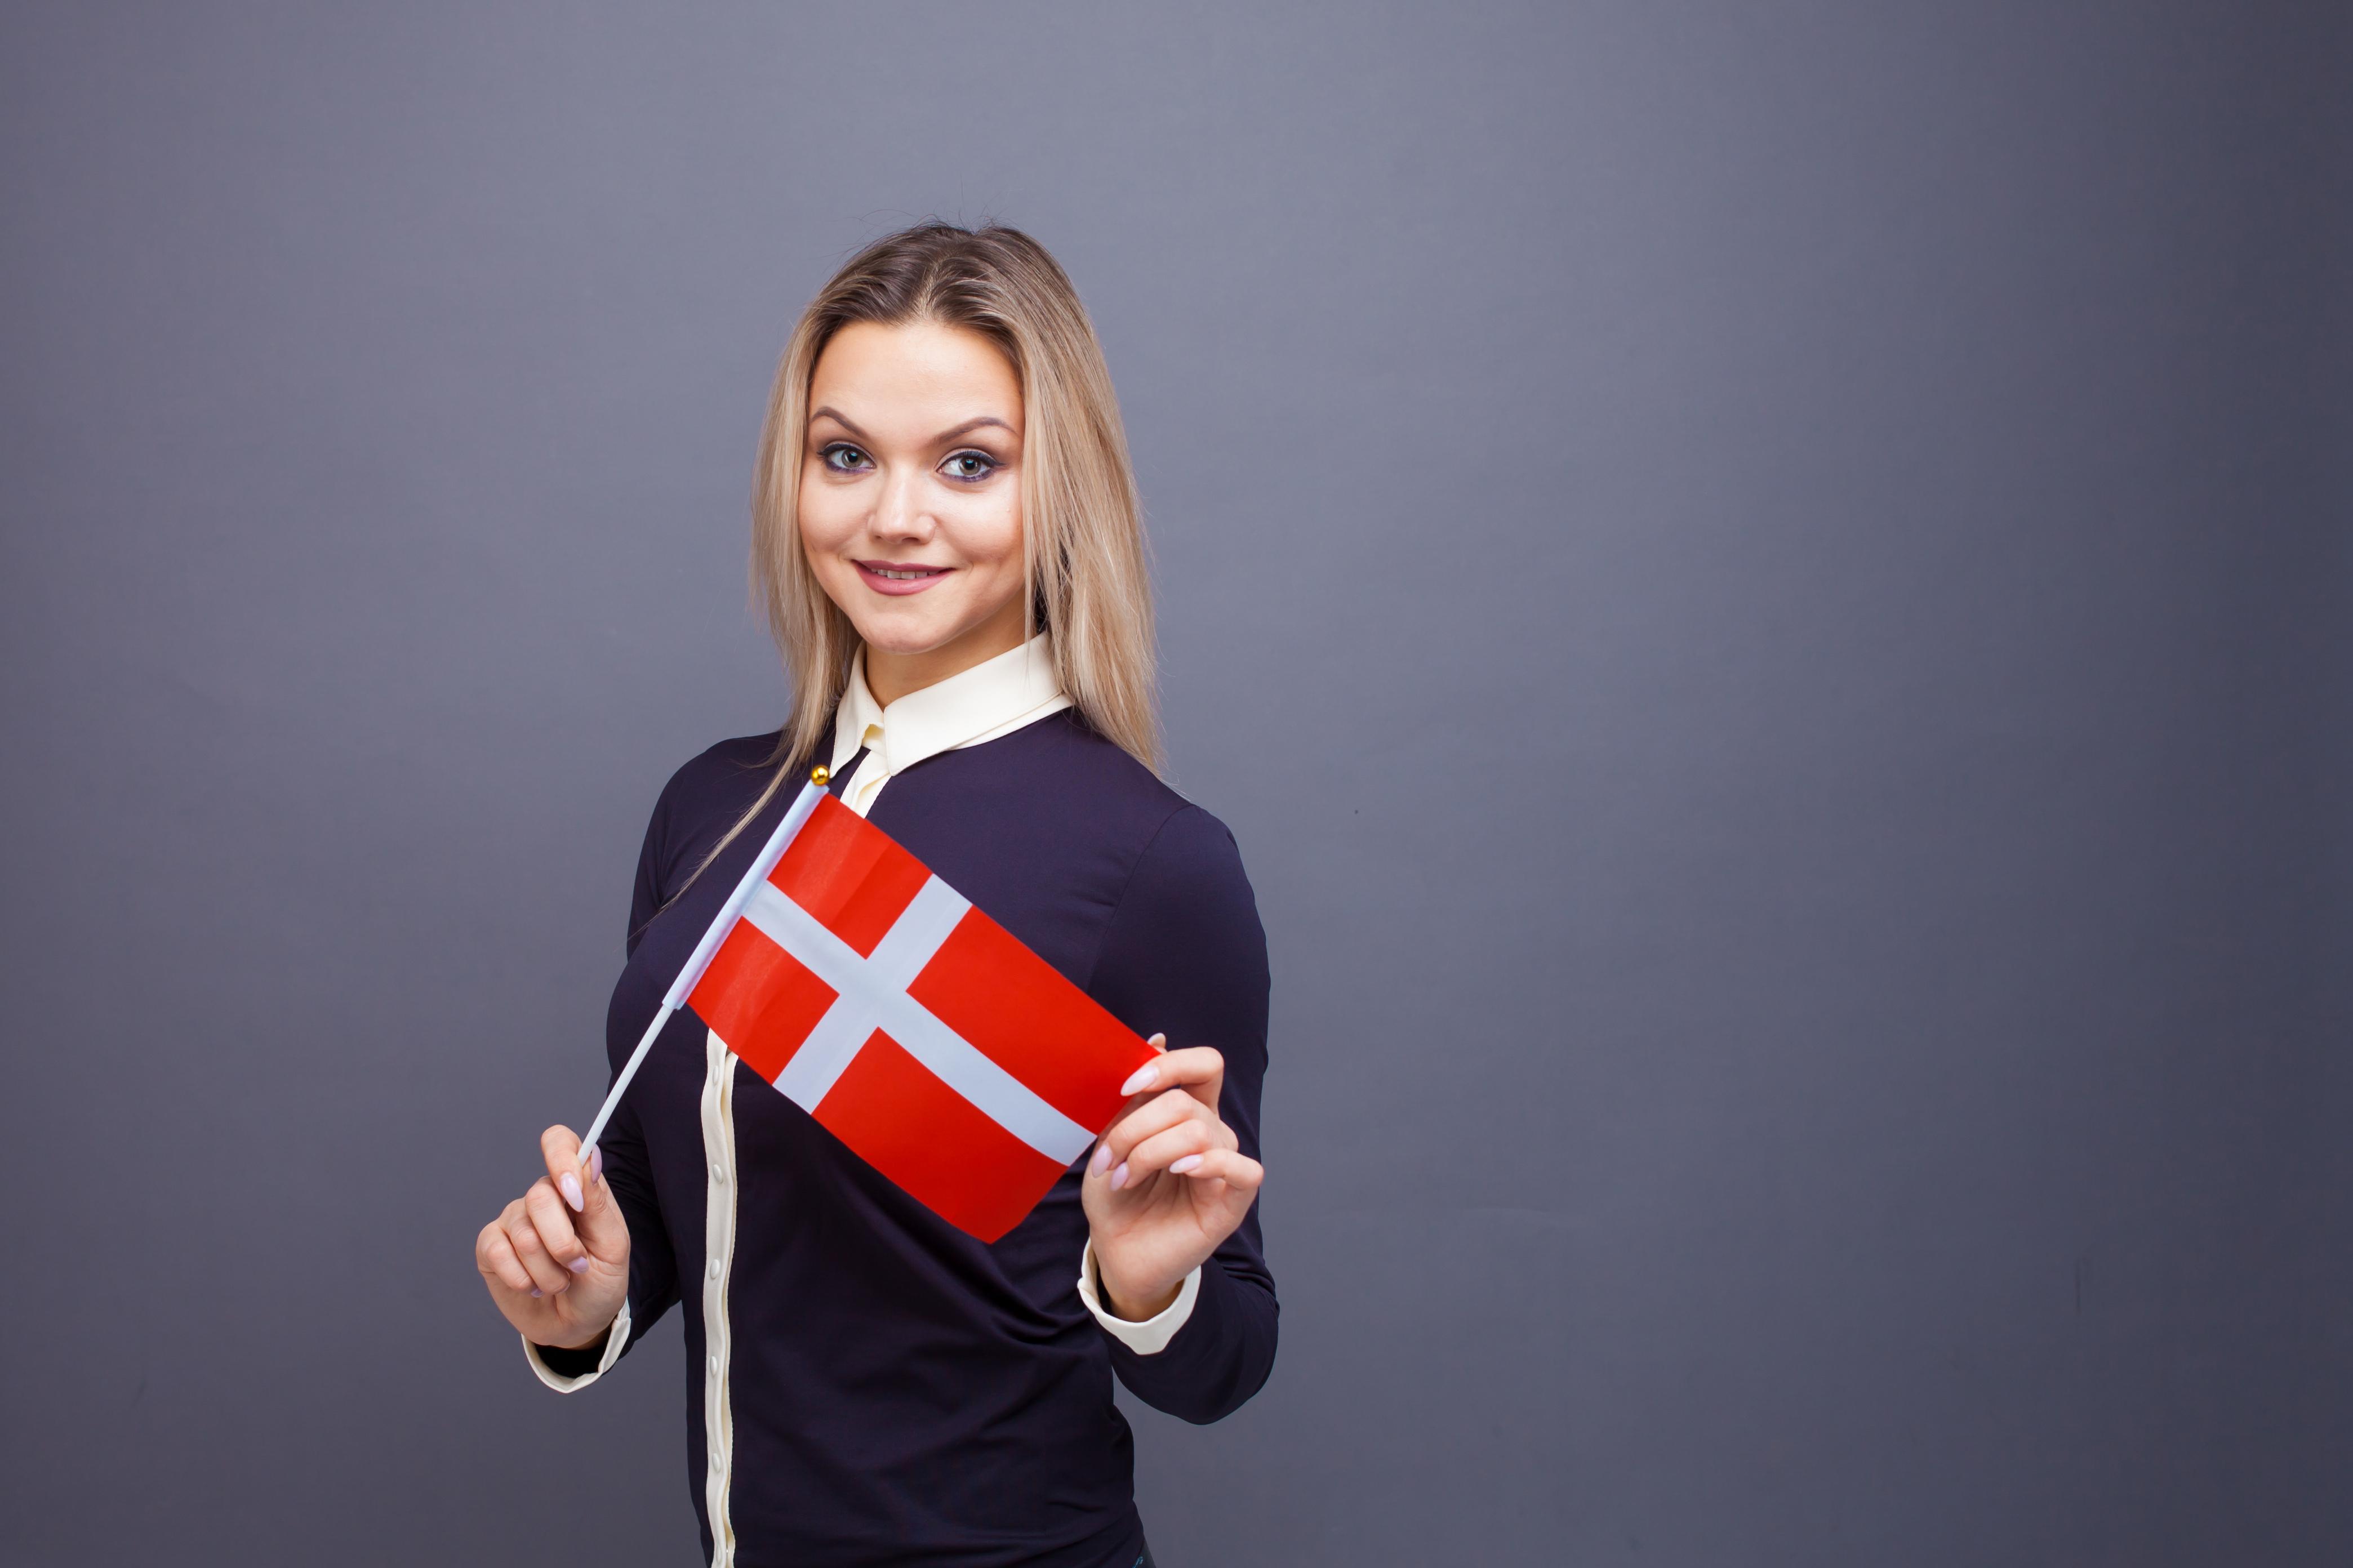 Девушка с флагом Дании, переехать в которую можно по трудоустройству